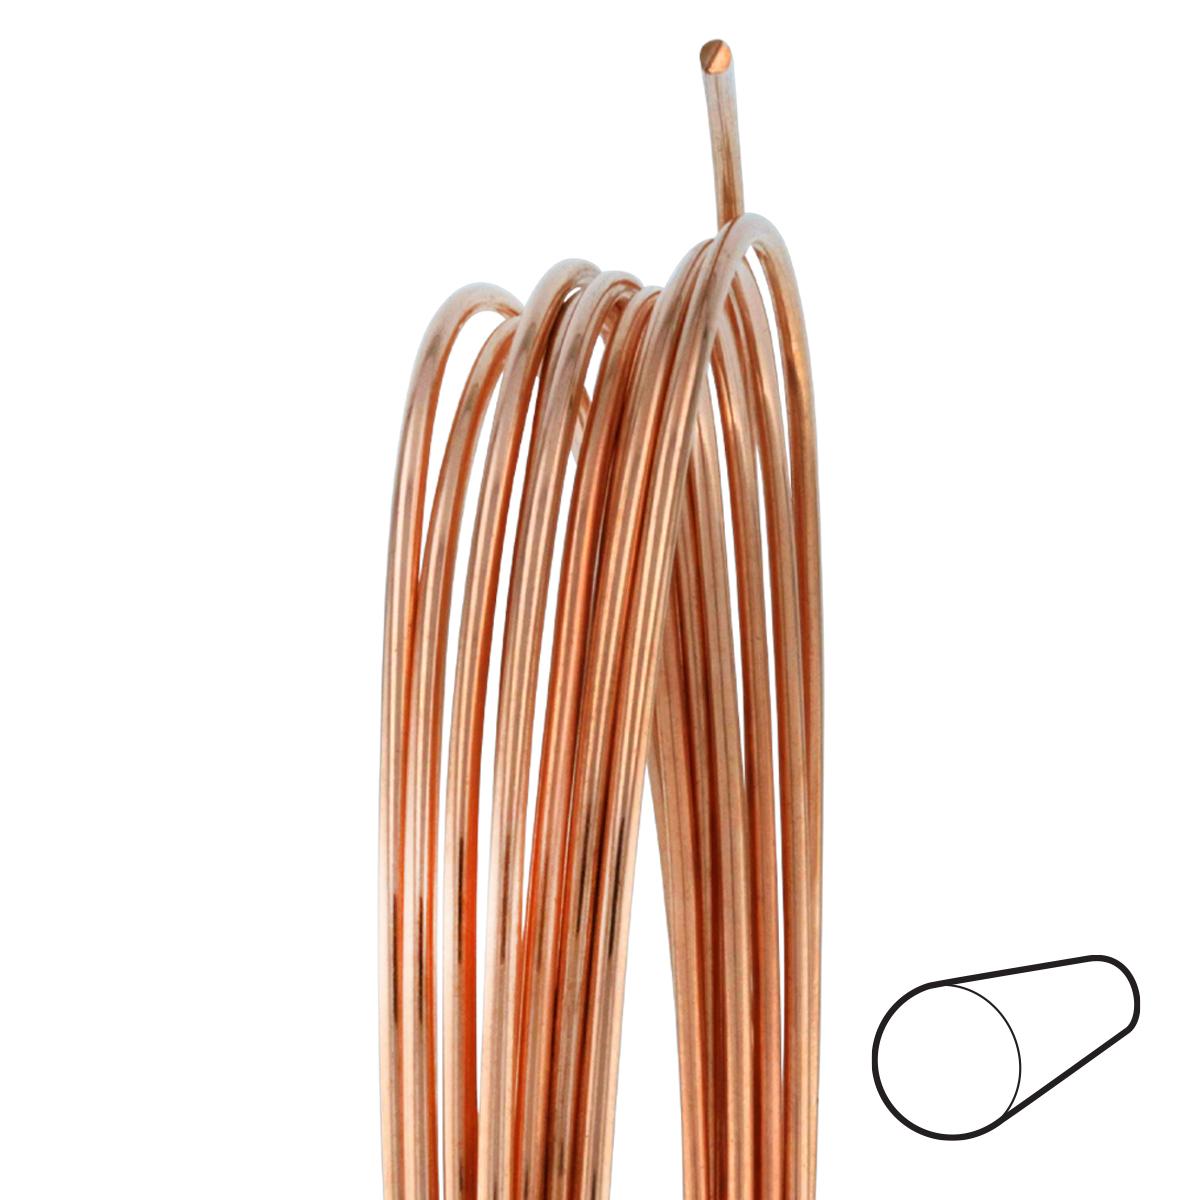 6 gauge round dead soft copper wire wire jewelry wire wrap 6 gauge round dead soft copper wire greentooth Gallery